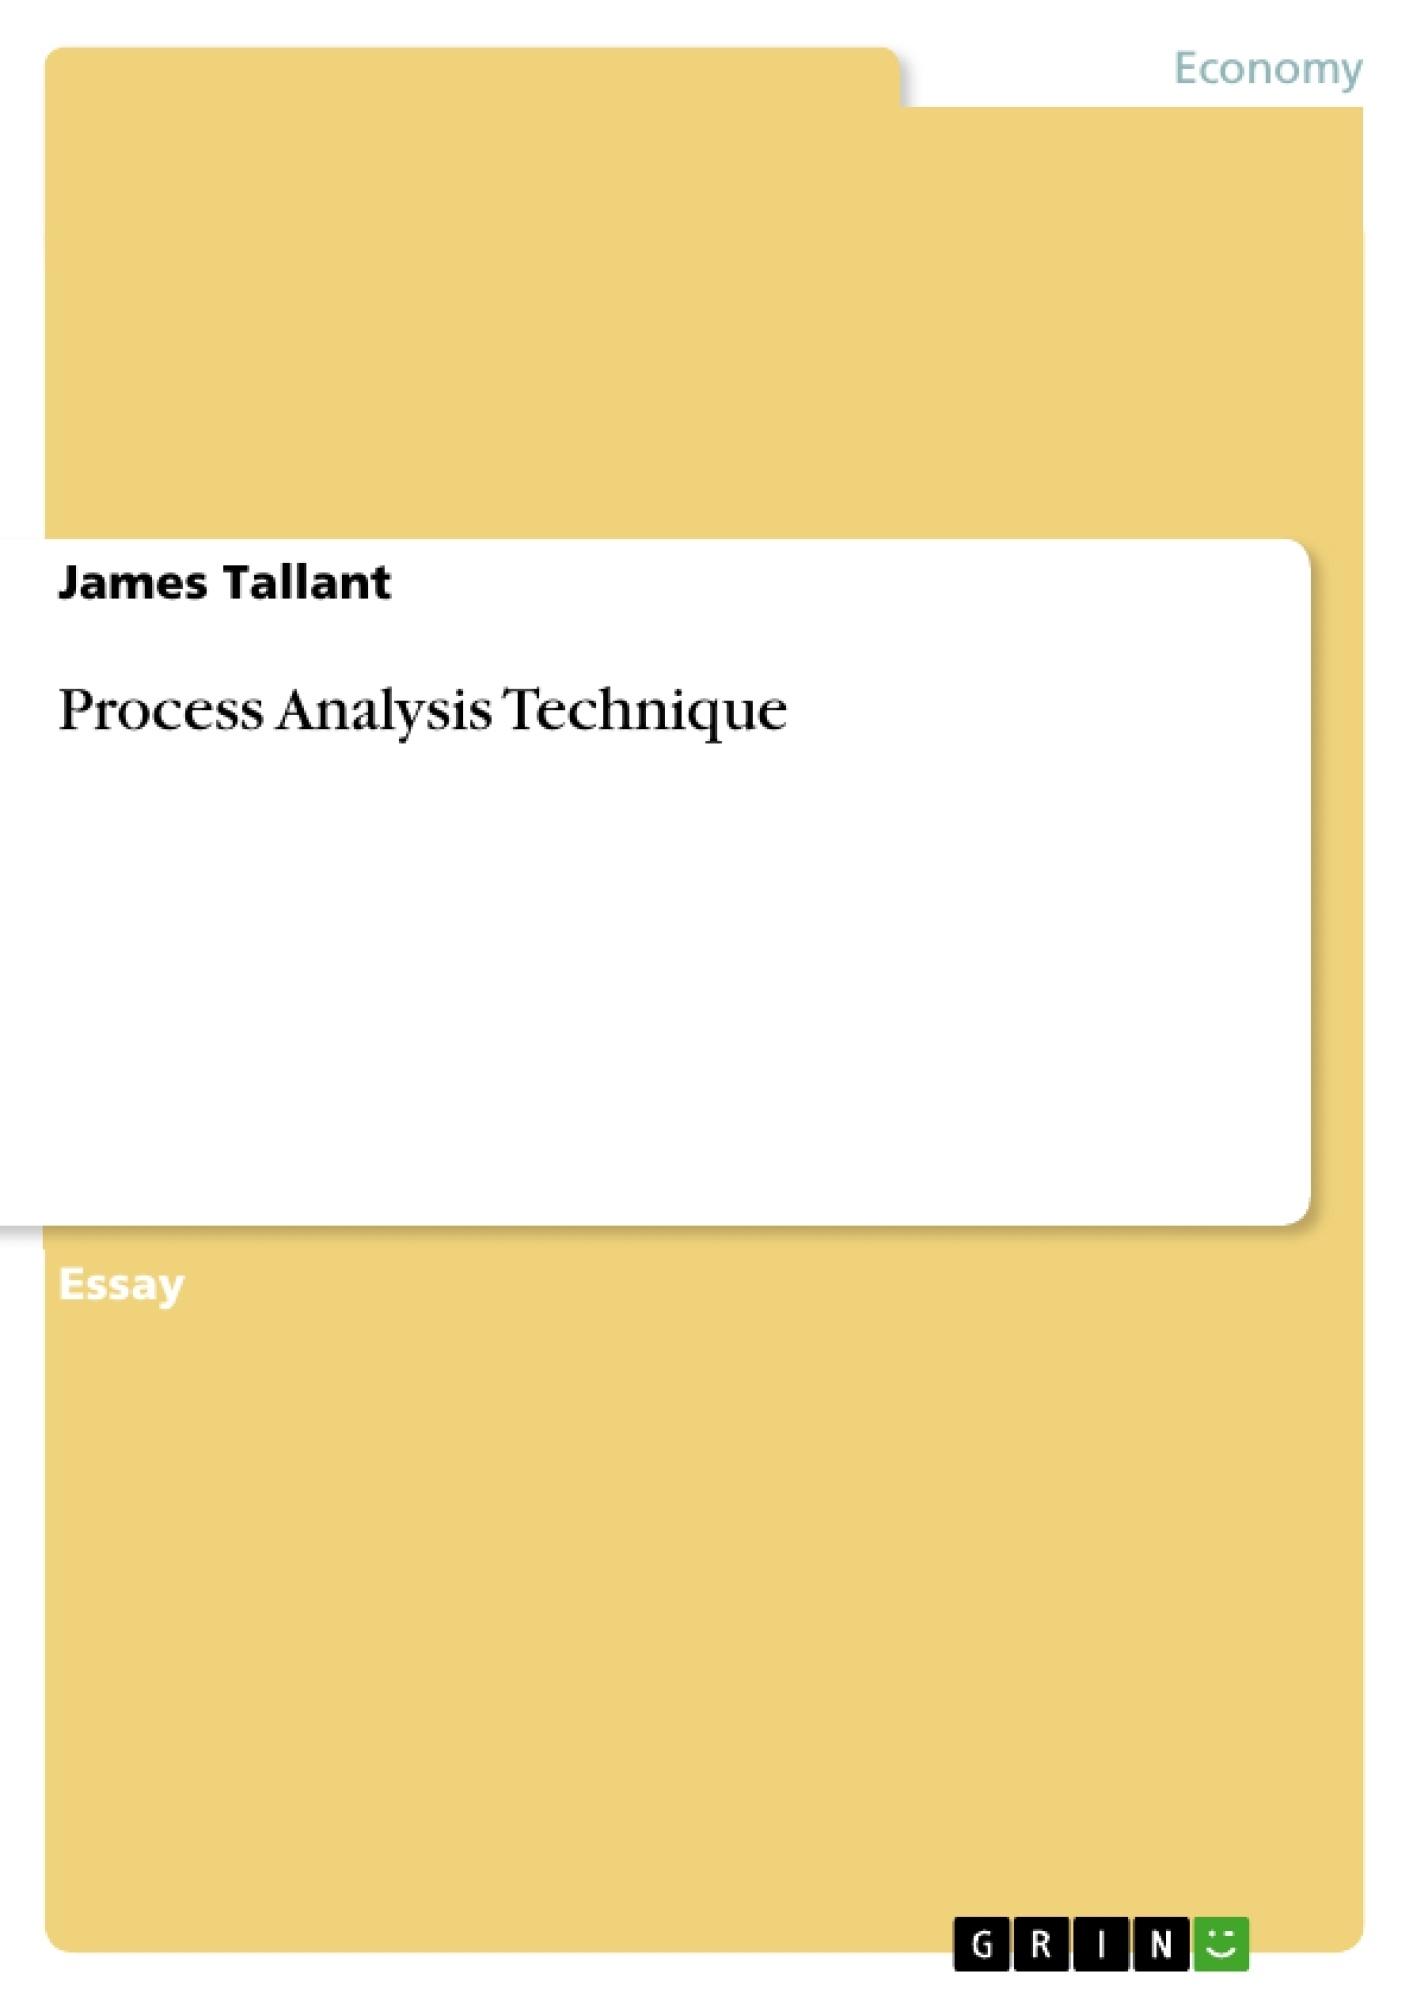 Title: Process Analysis Technique